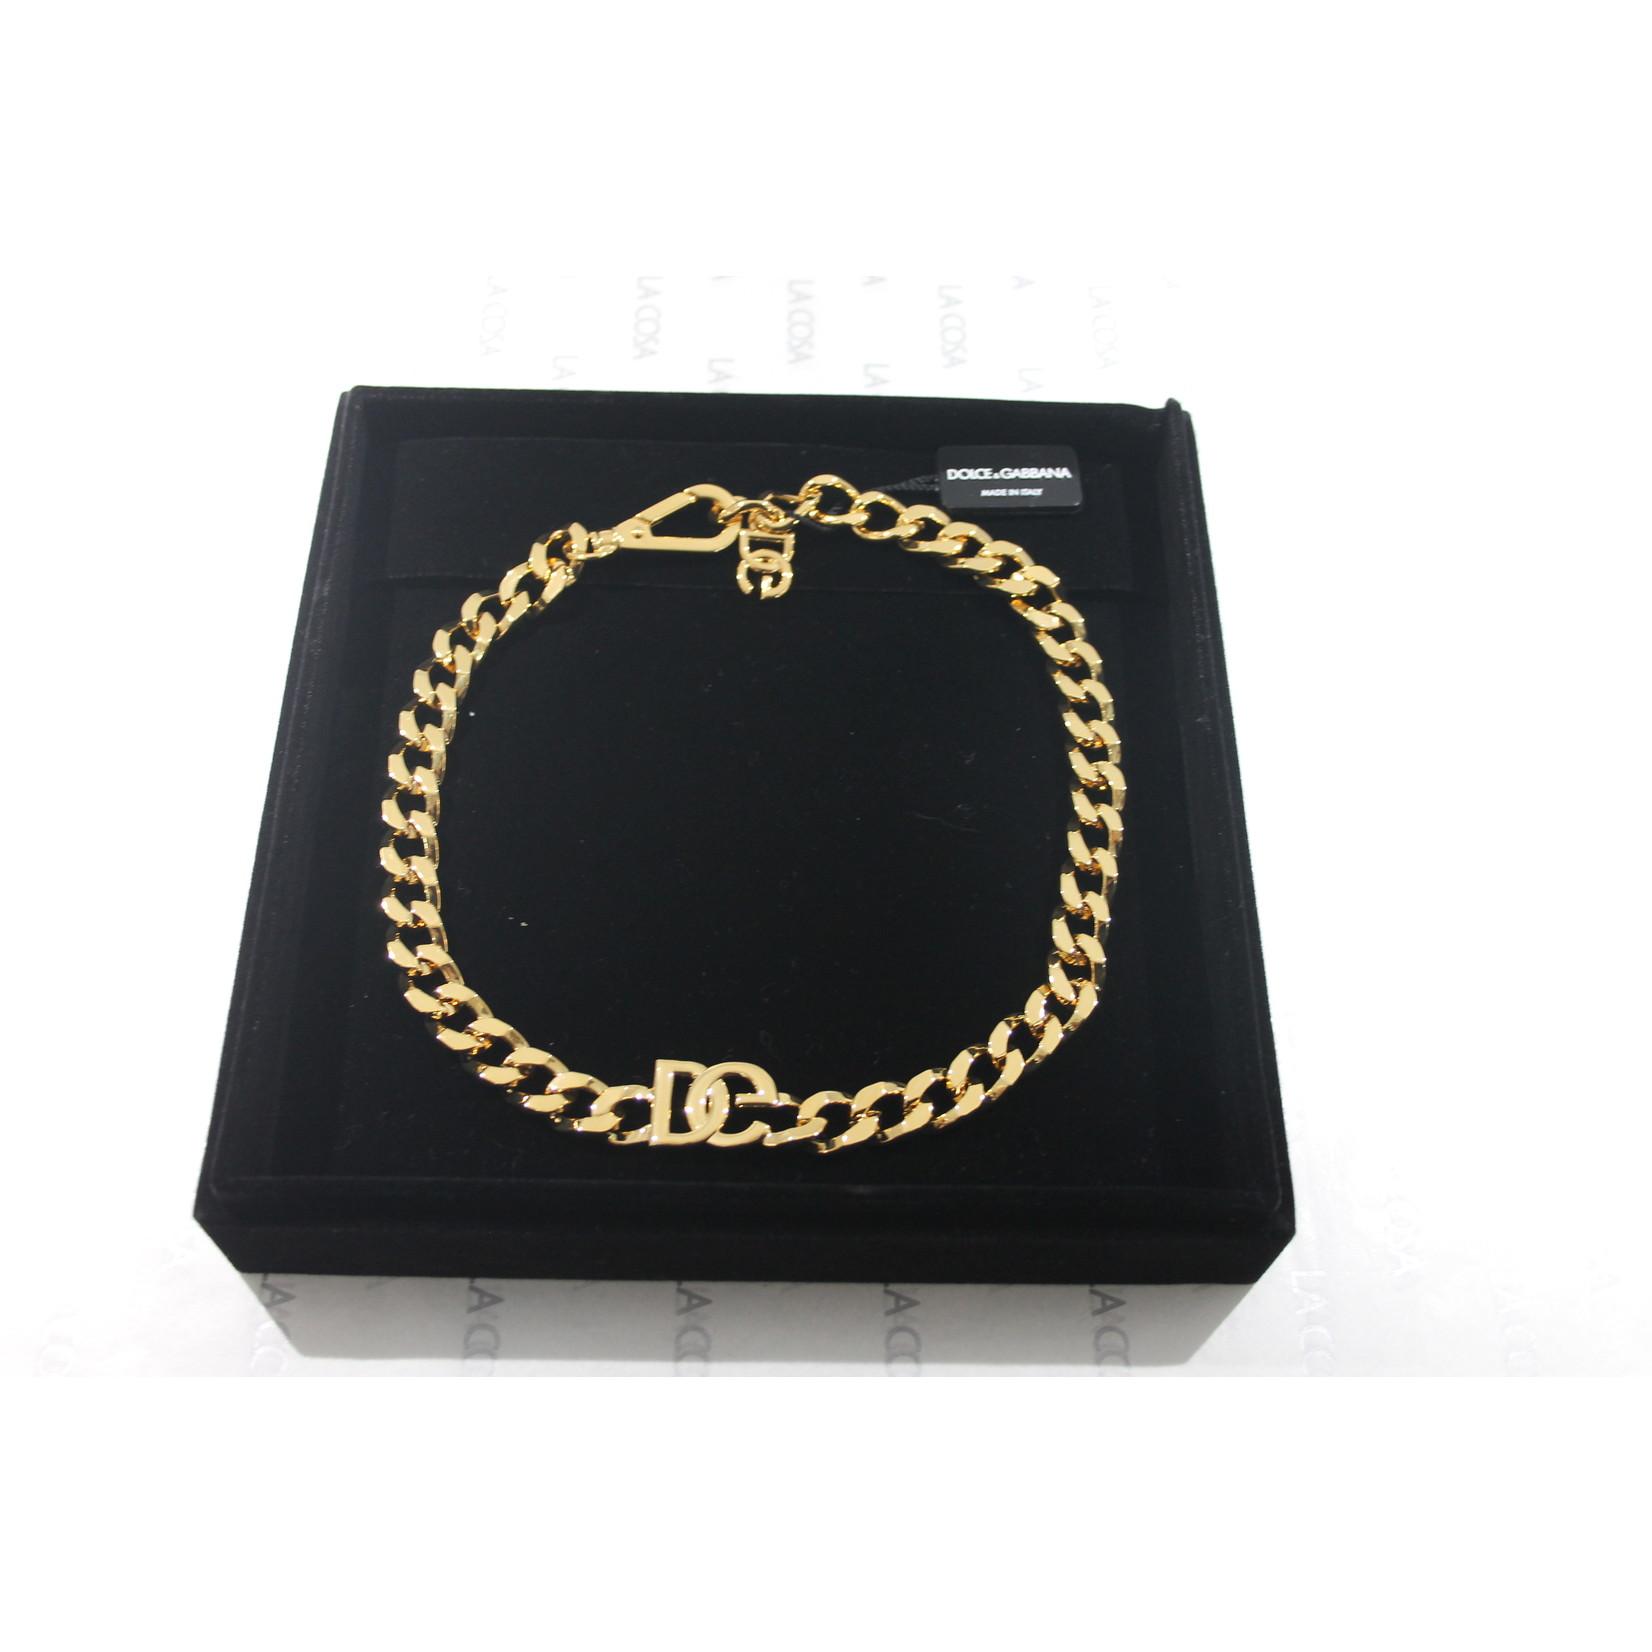 Dolce&Gabbana acc Ketting 42998